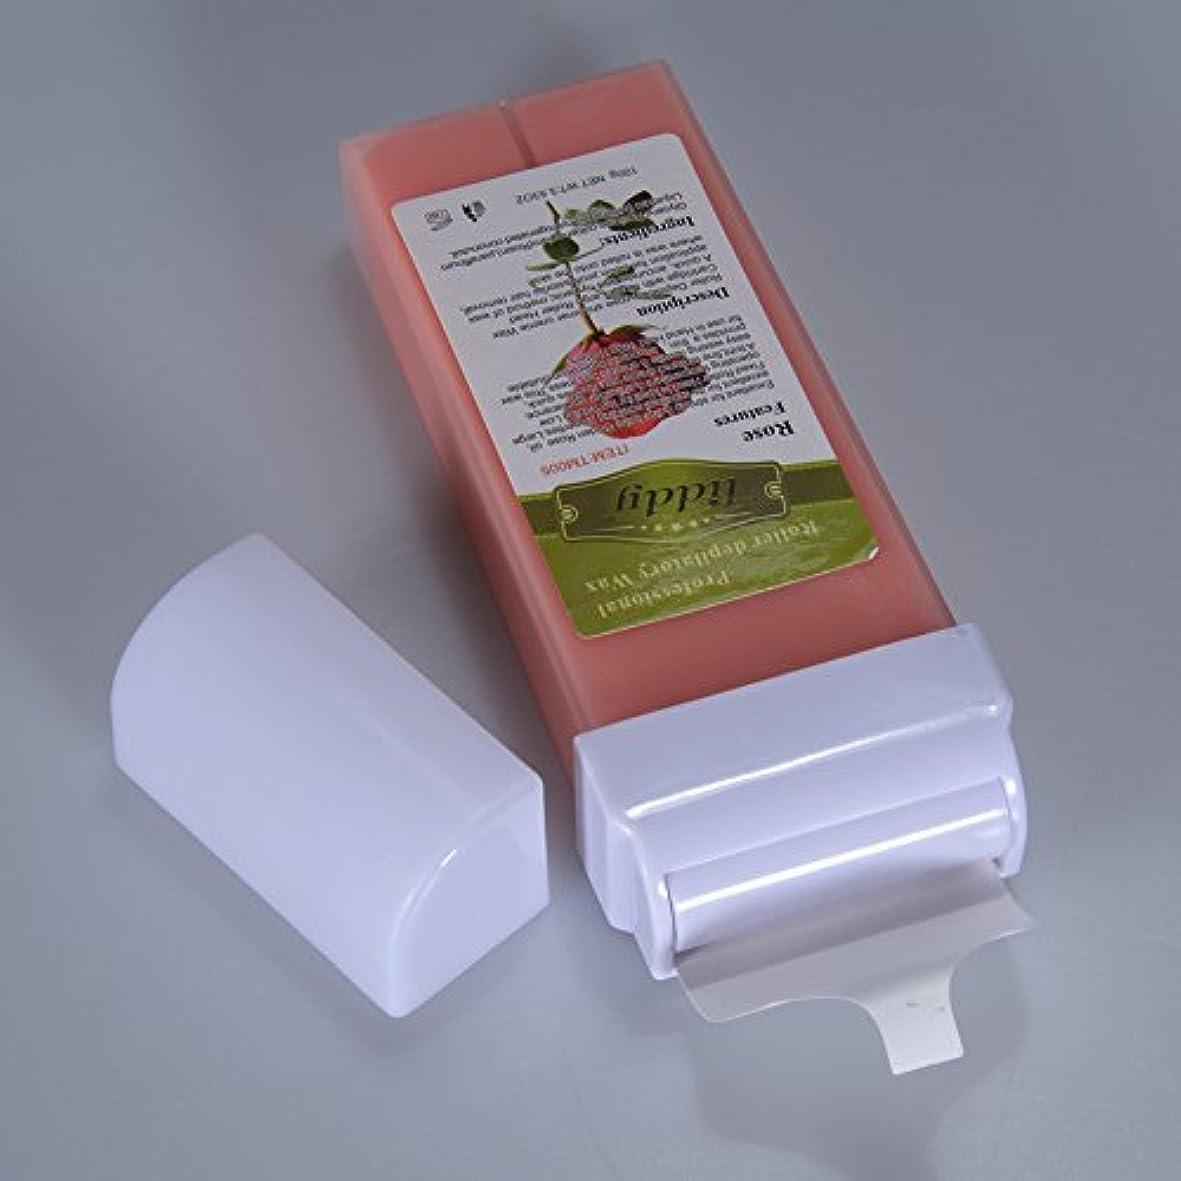 考案するスカイ引っ張るRabugoo 脱毛プロフェッショナル使用水溶性脱毛砂糖ワックスカートリッジワックスグッドスメル - 100g / 3.53oz 100g rose